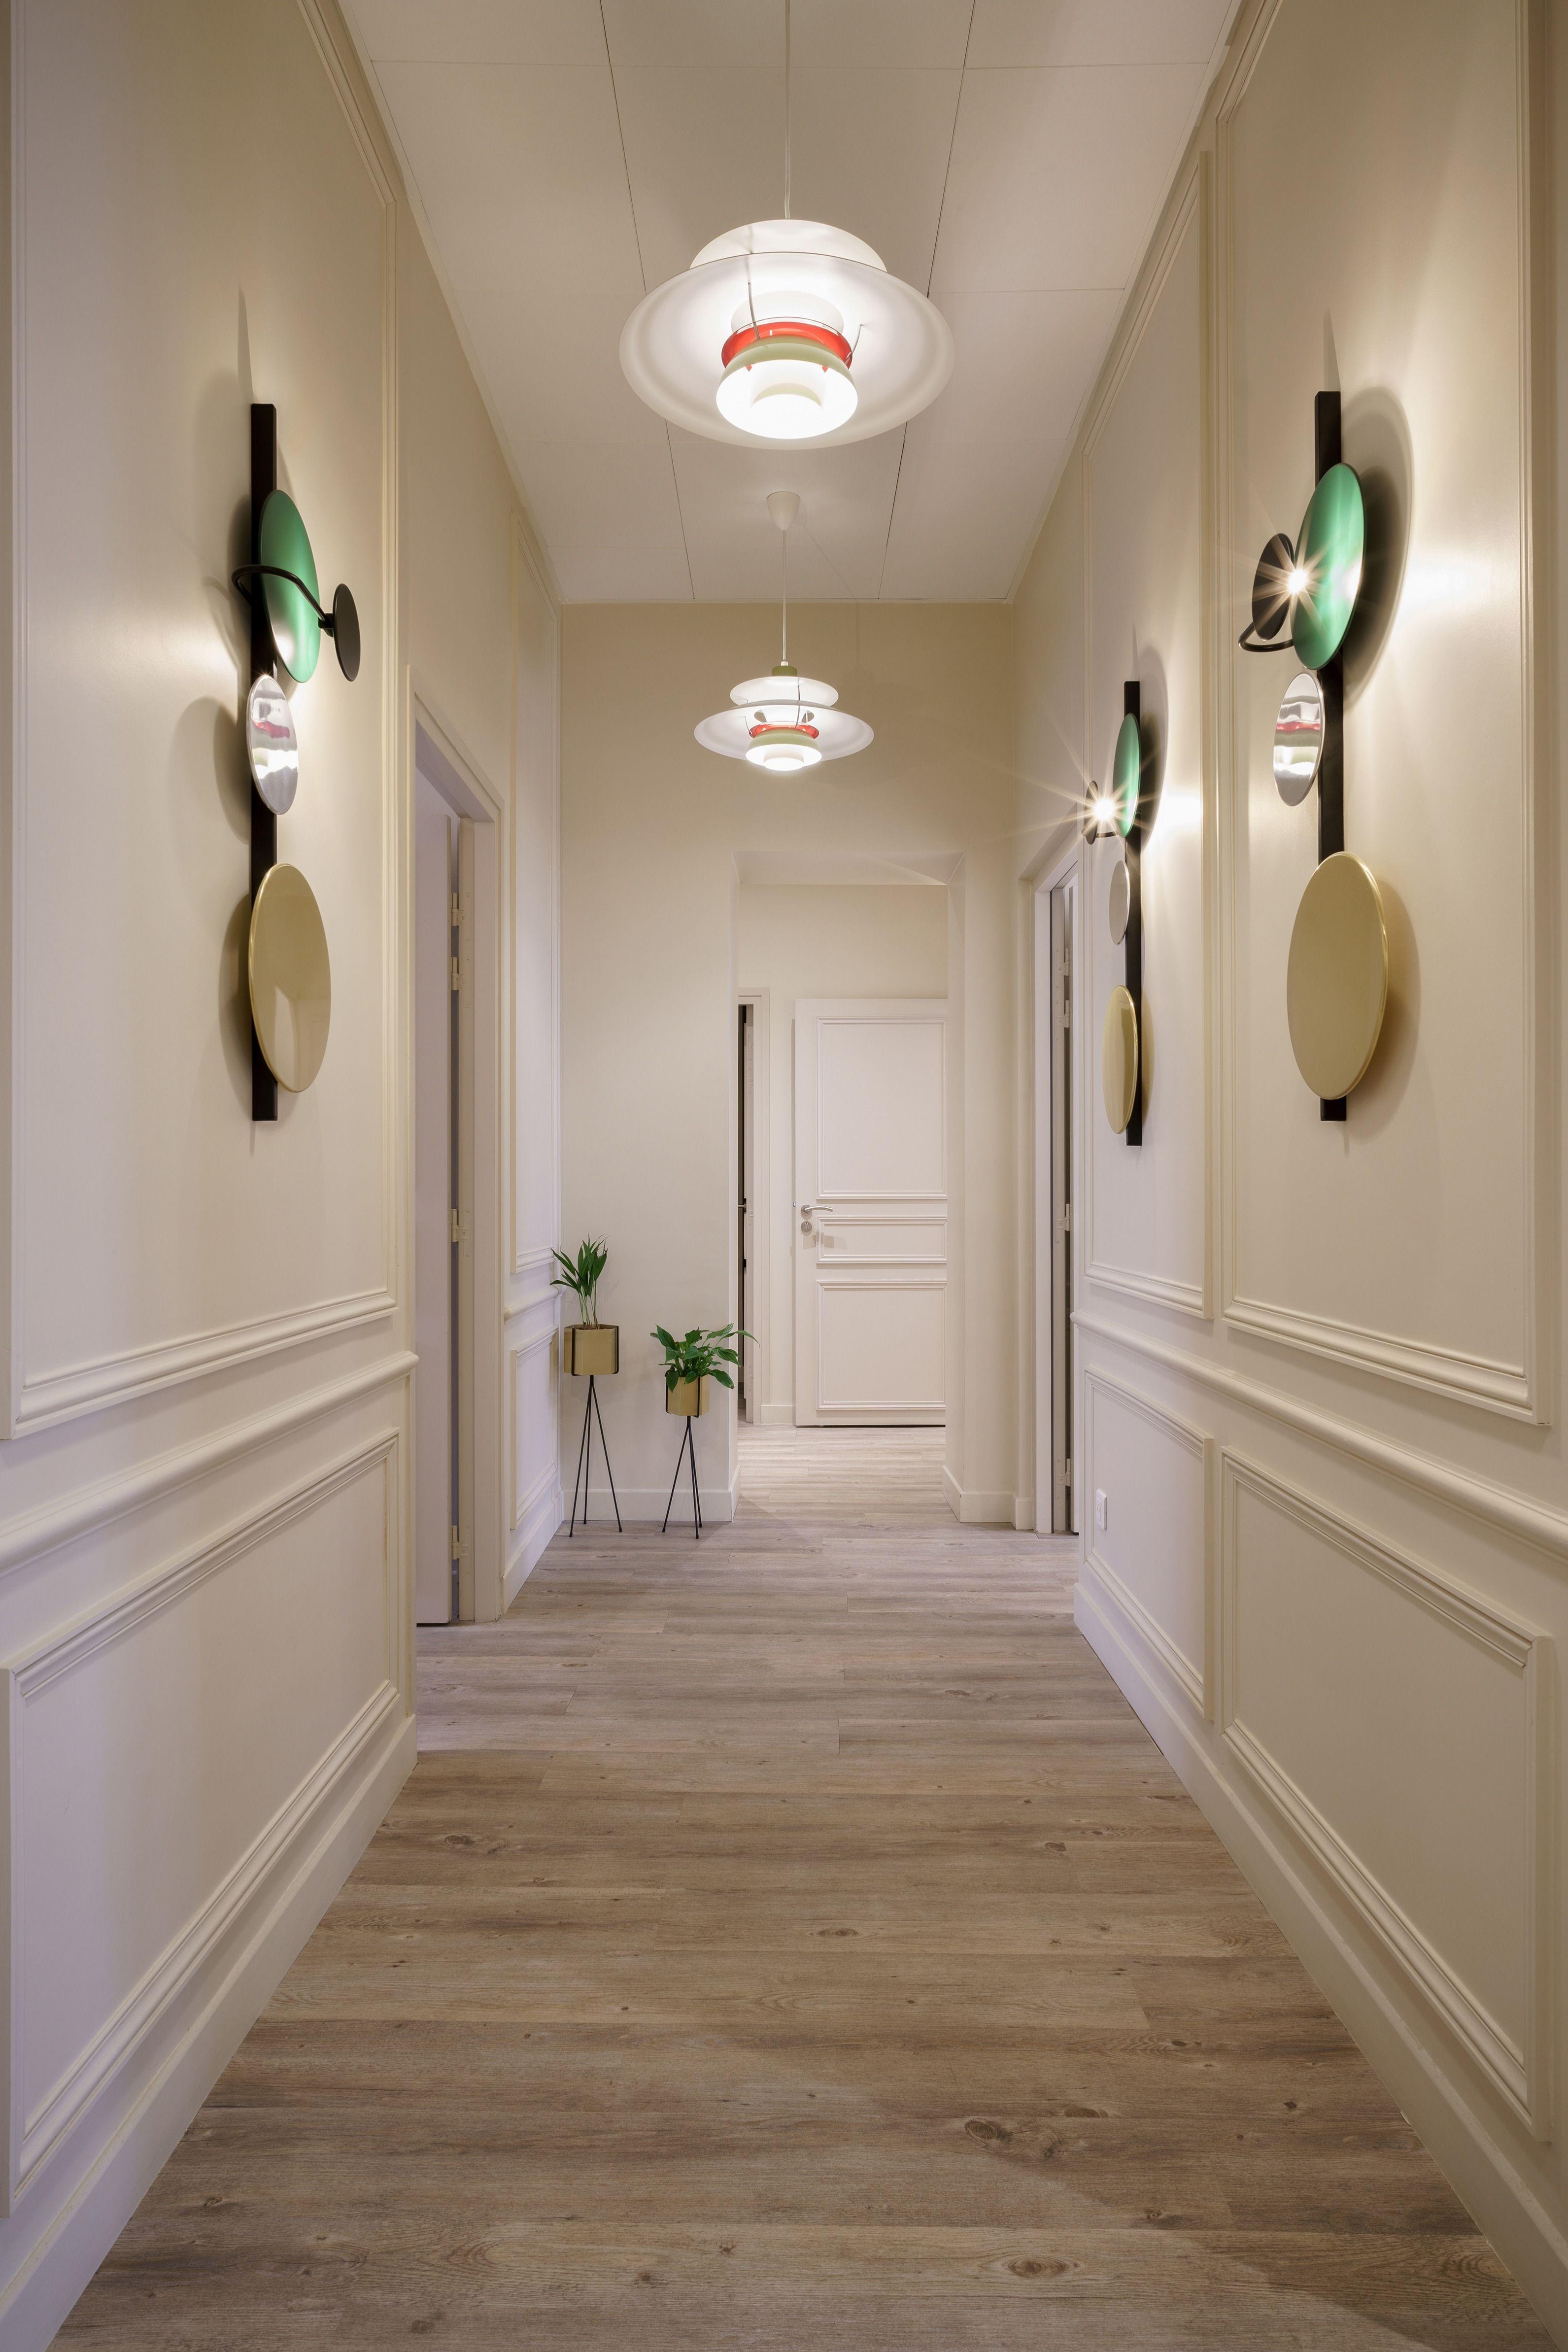 Couloir Amenagement Interieur Maison Deco Interieure Amenagement Interieur